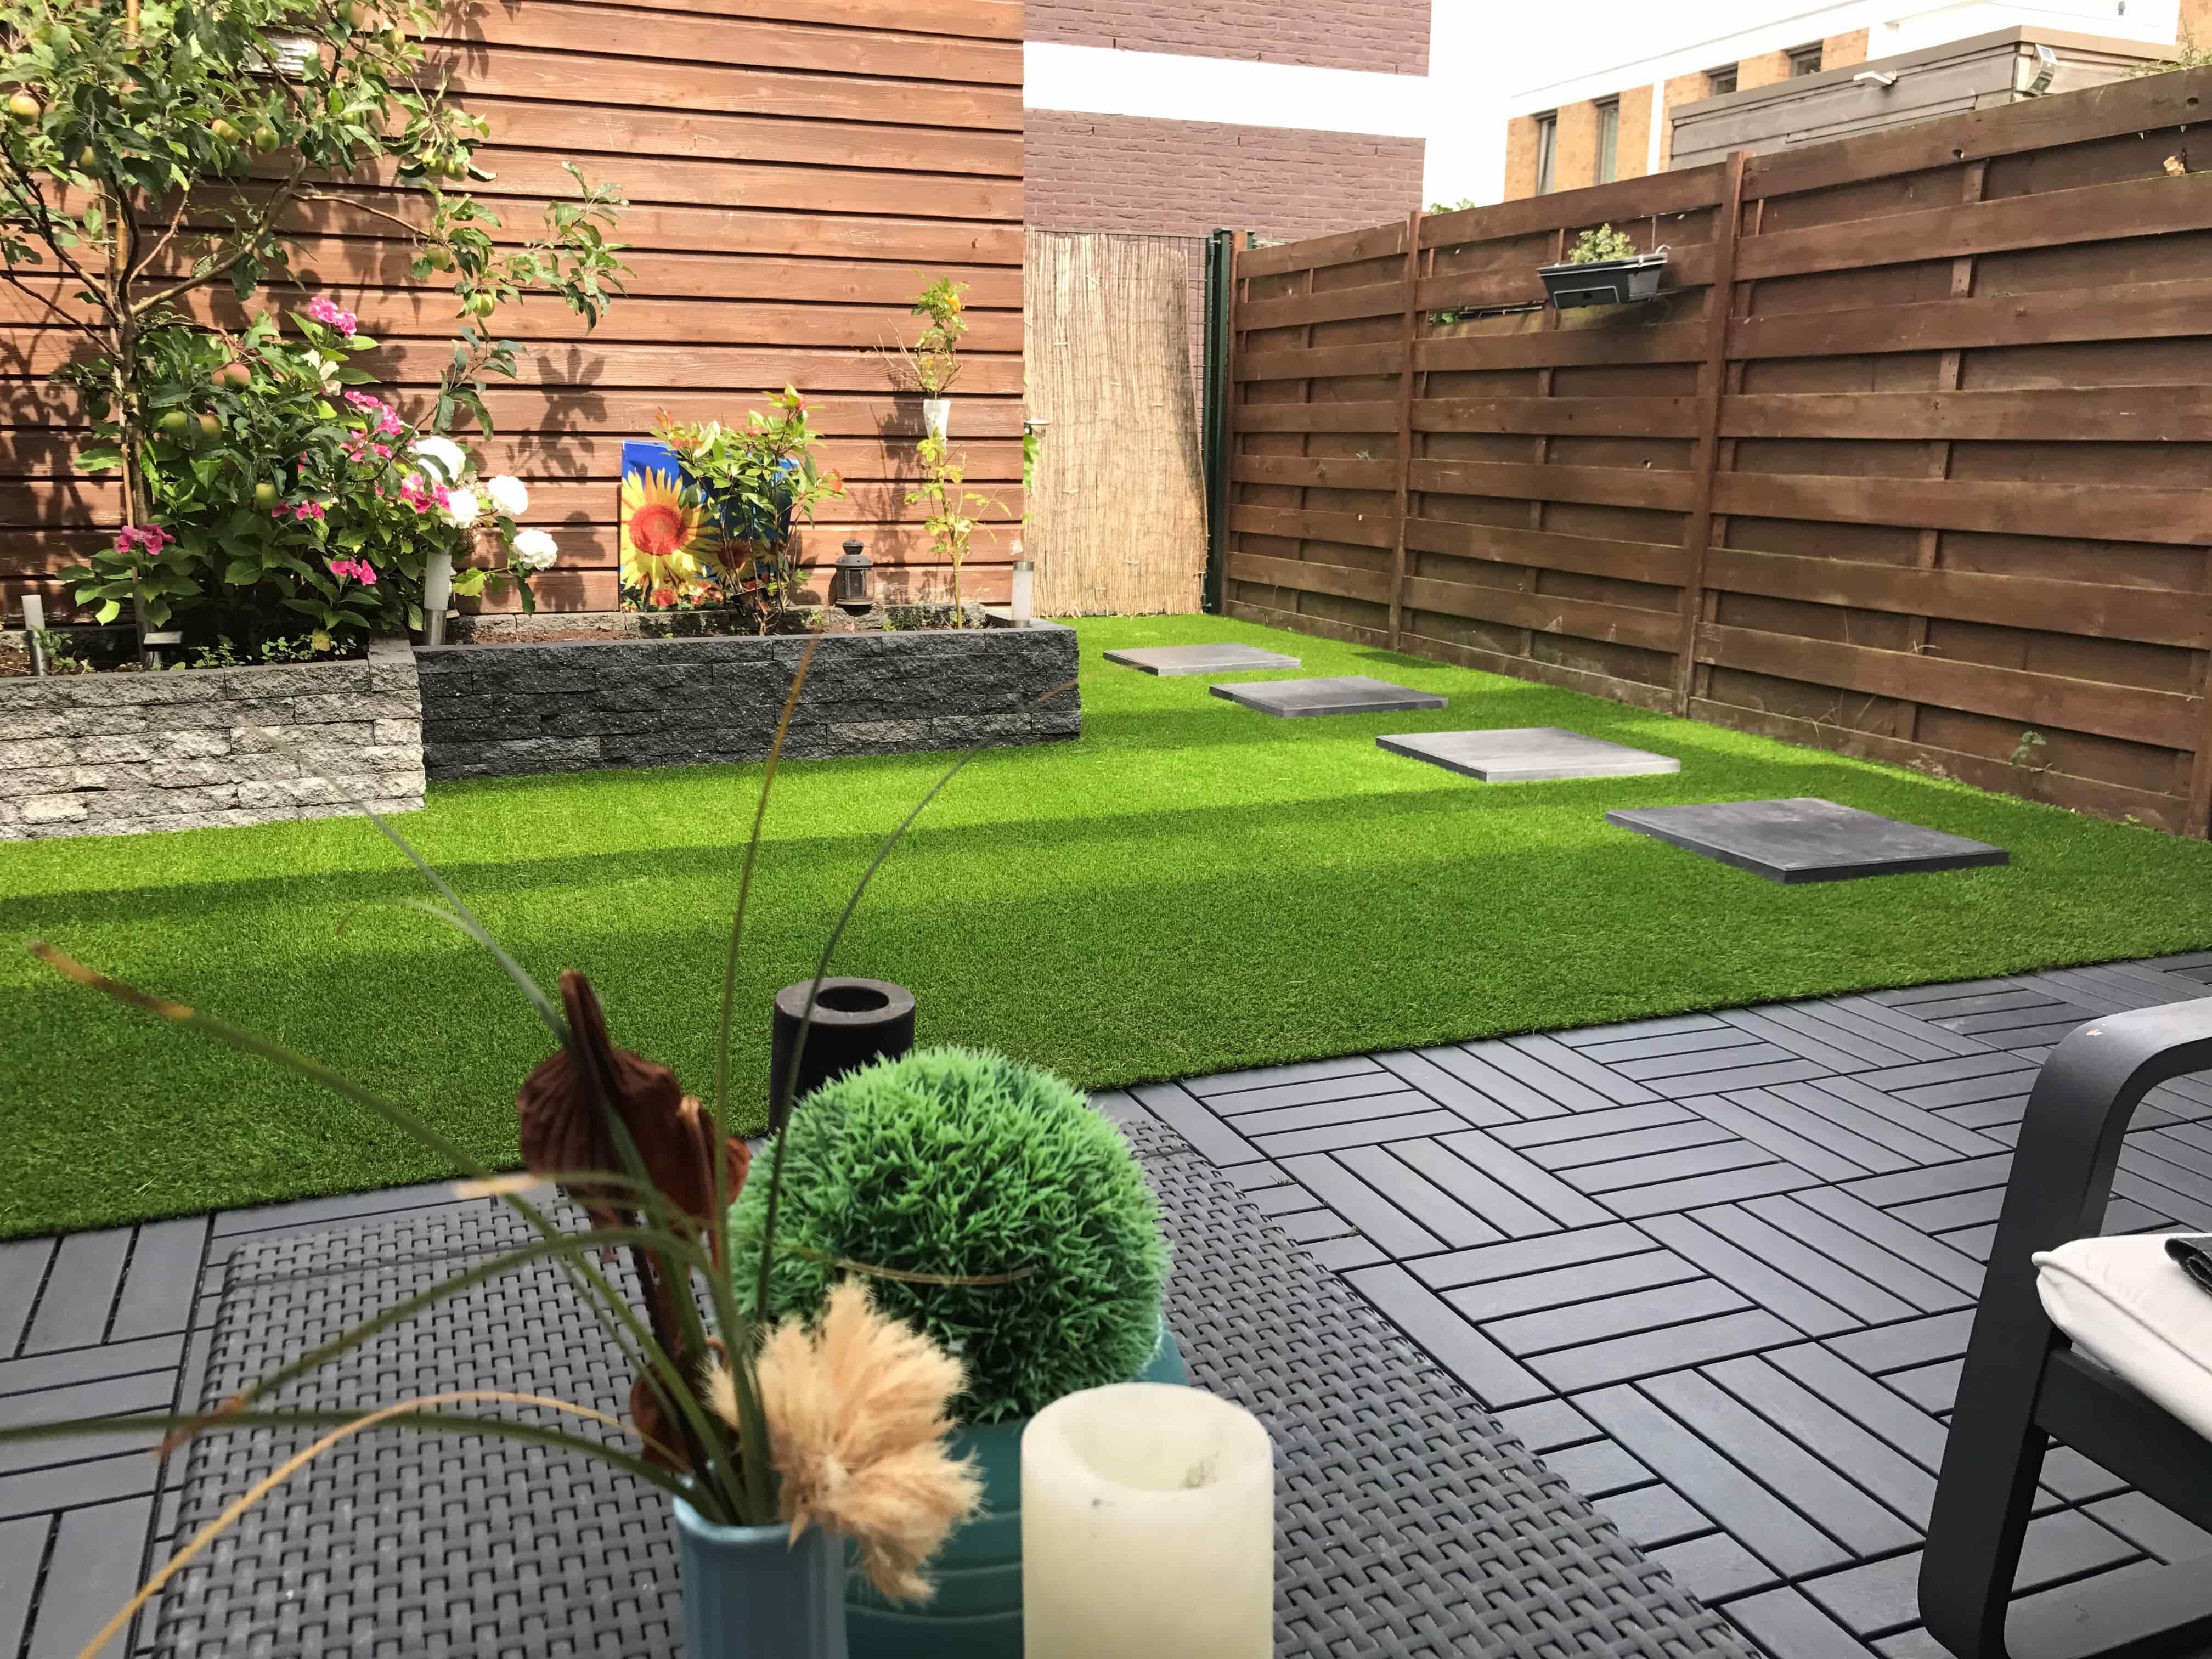 De tuin onderhoudsvrij en budgetvriendelijk inrichten